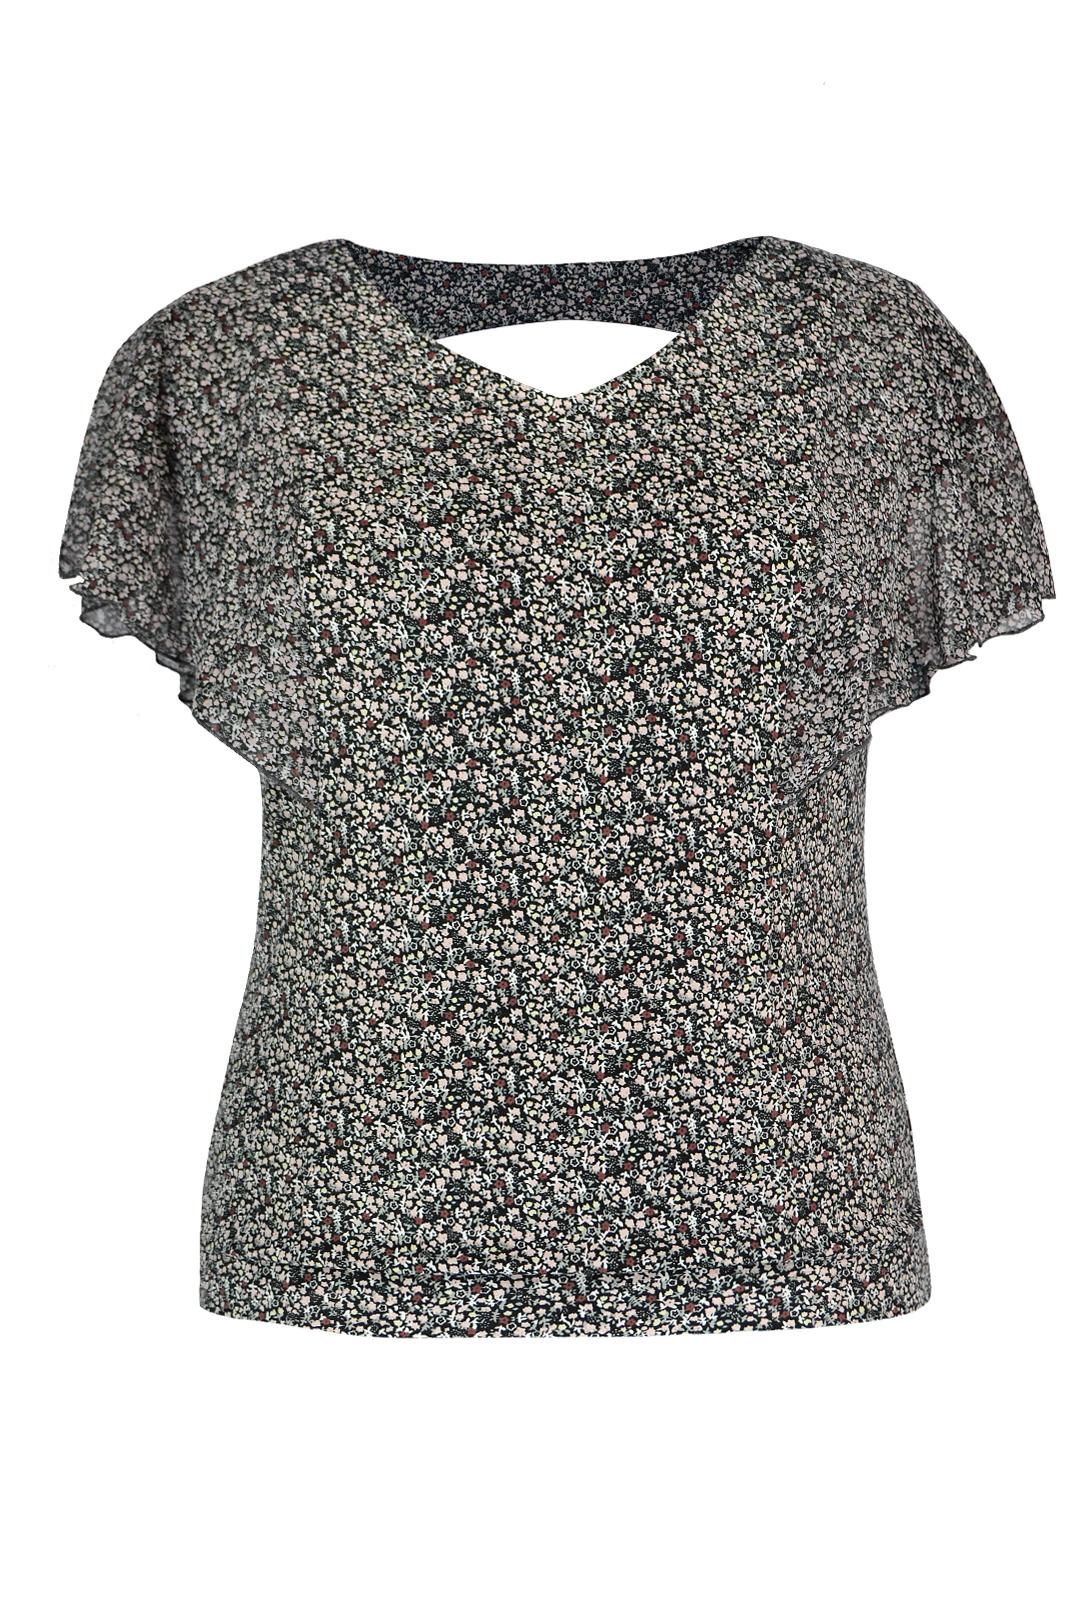 Заказать блузку через интернет с доставкой